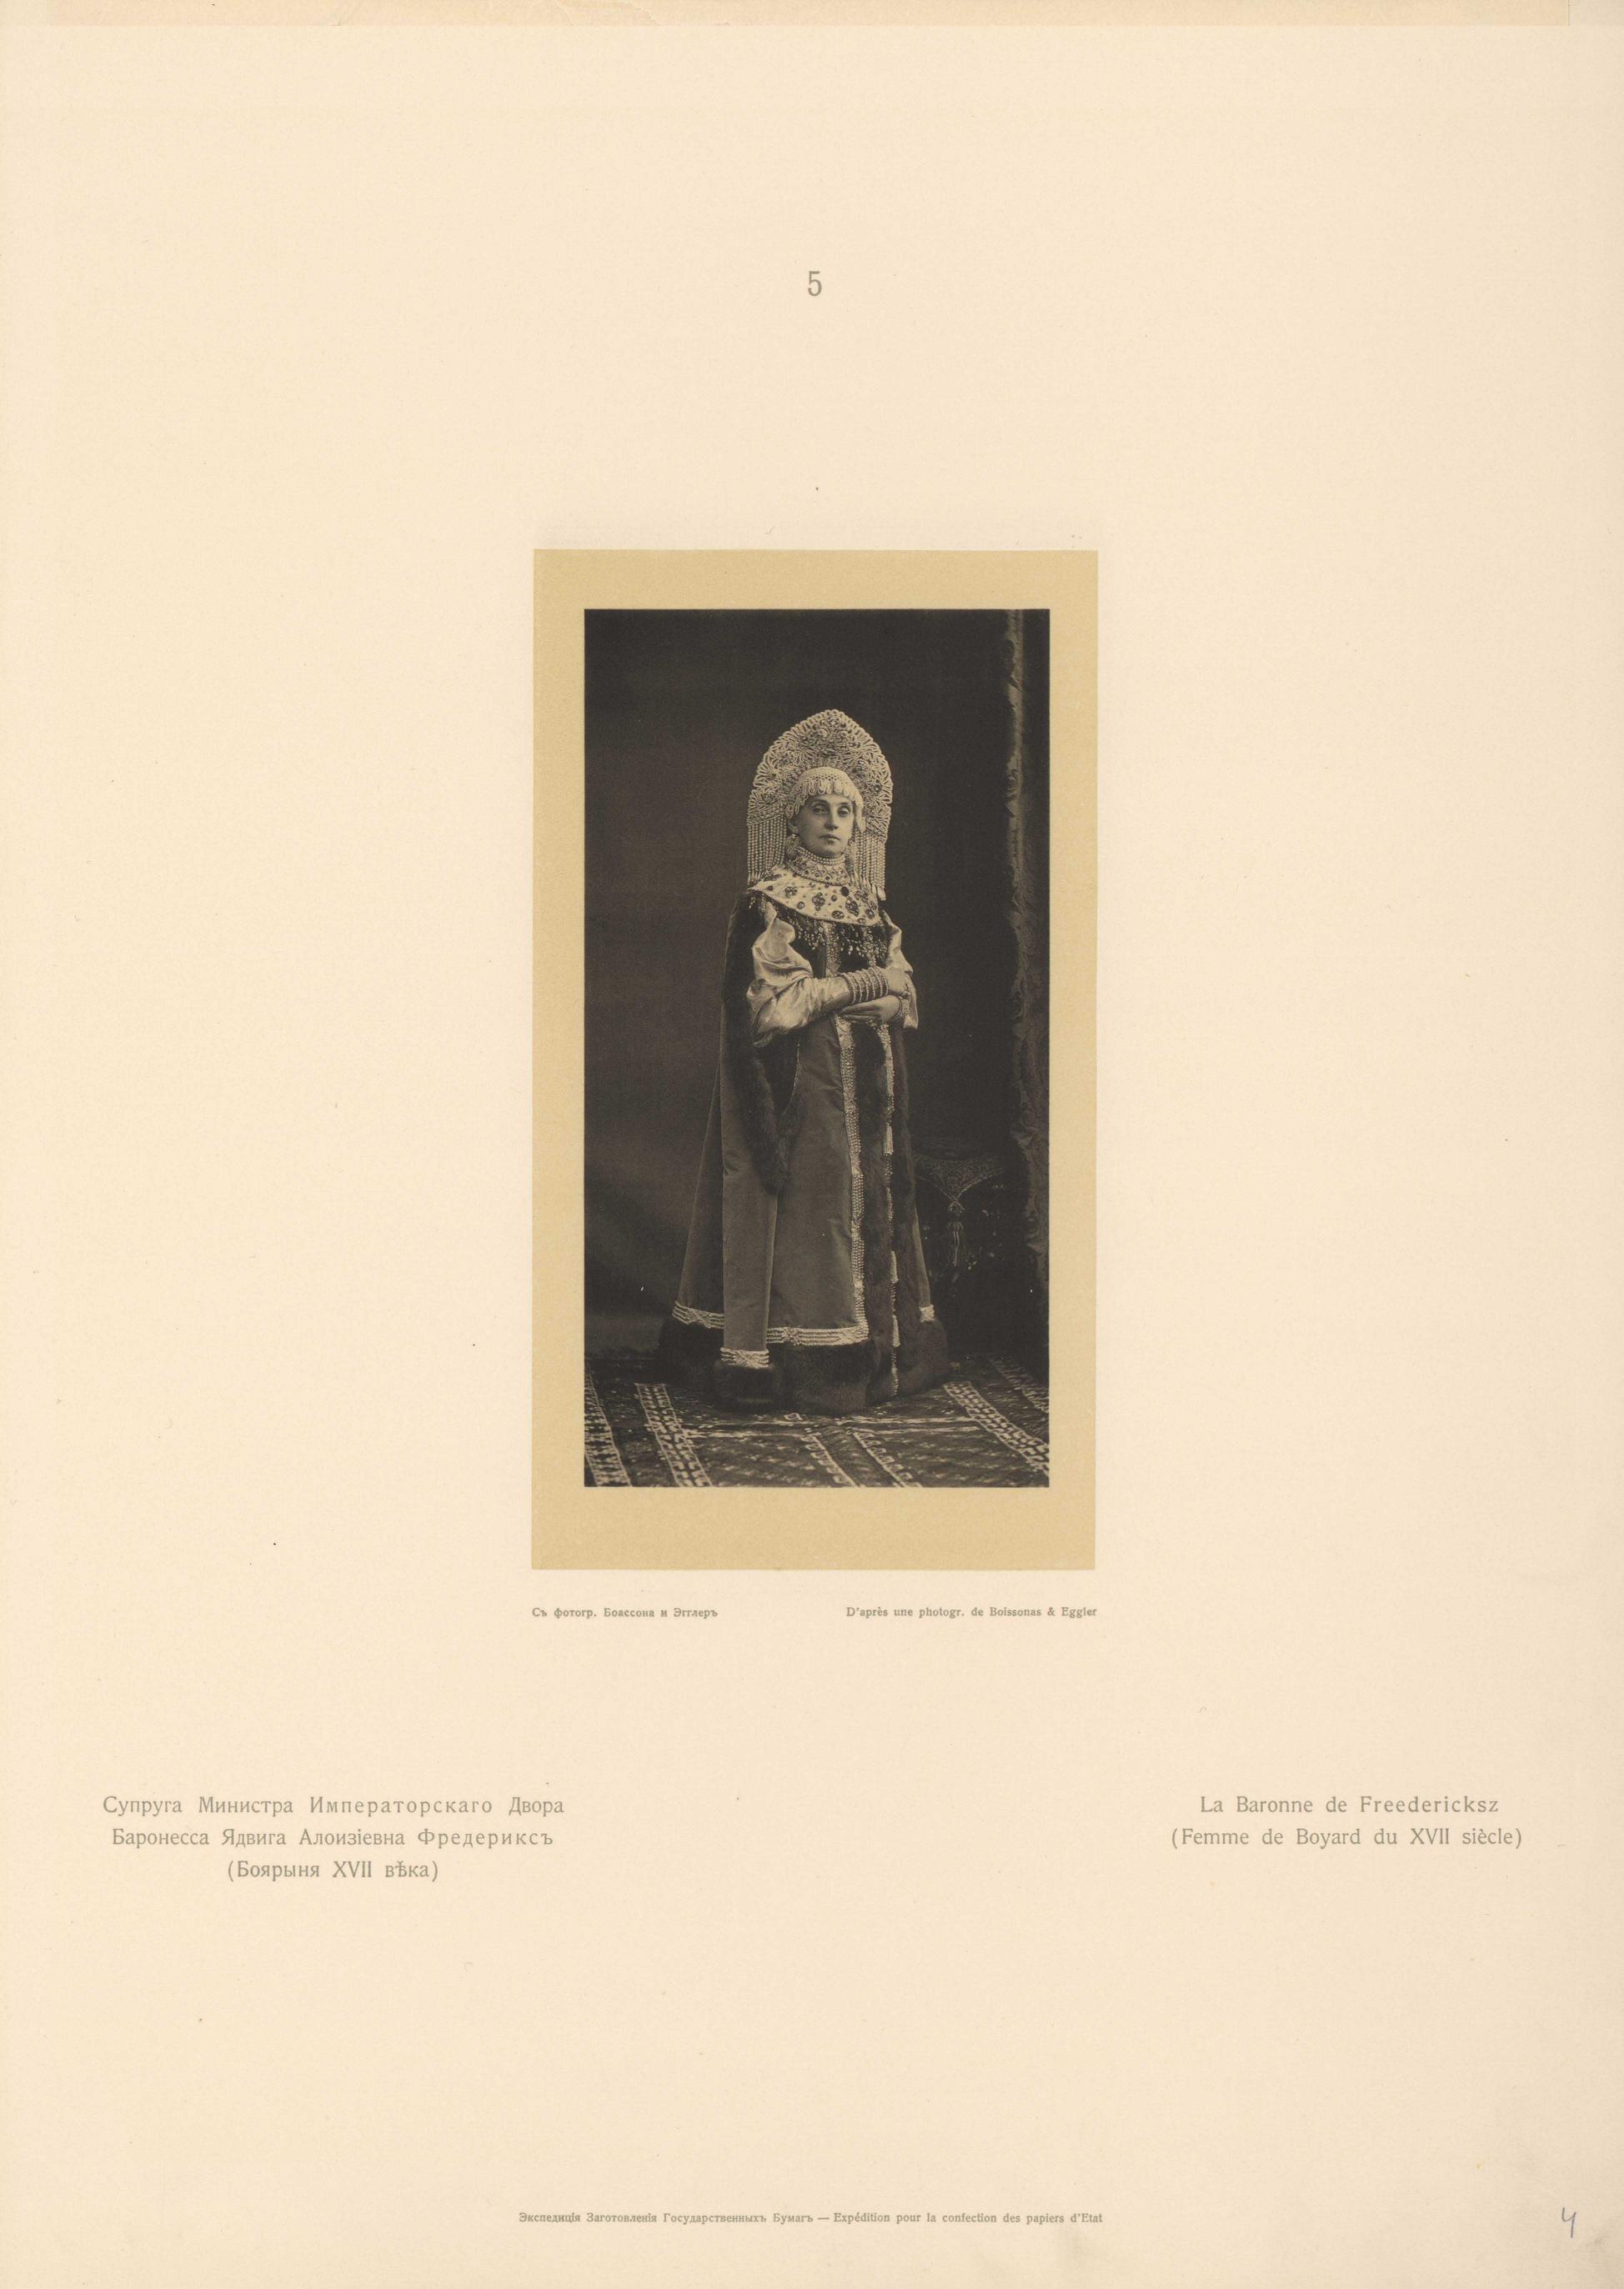 Супруга Министра Императорского Двора Баронесса Ядвига Алозиевна Фредерикс